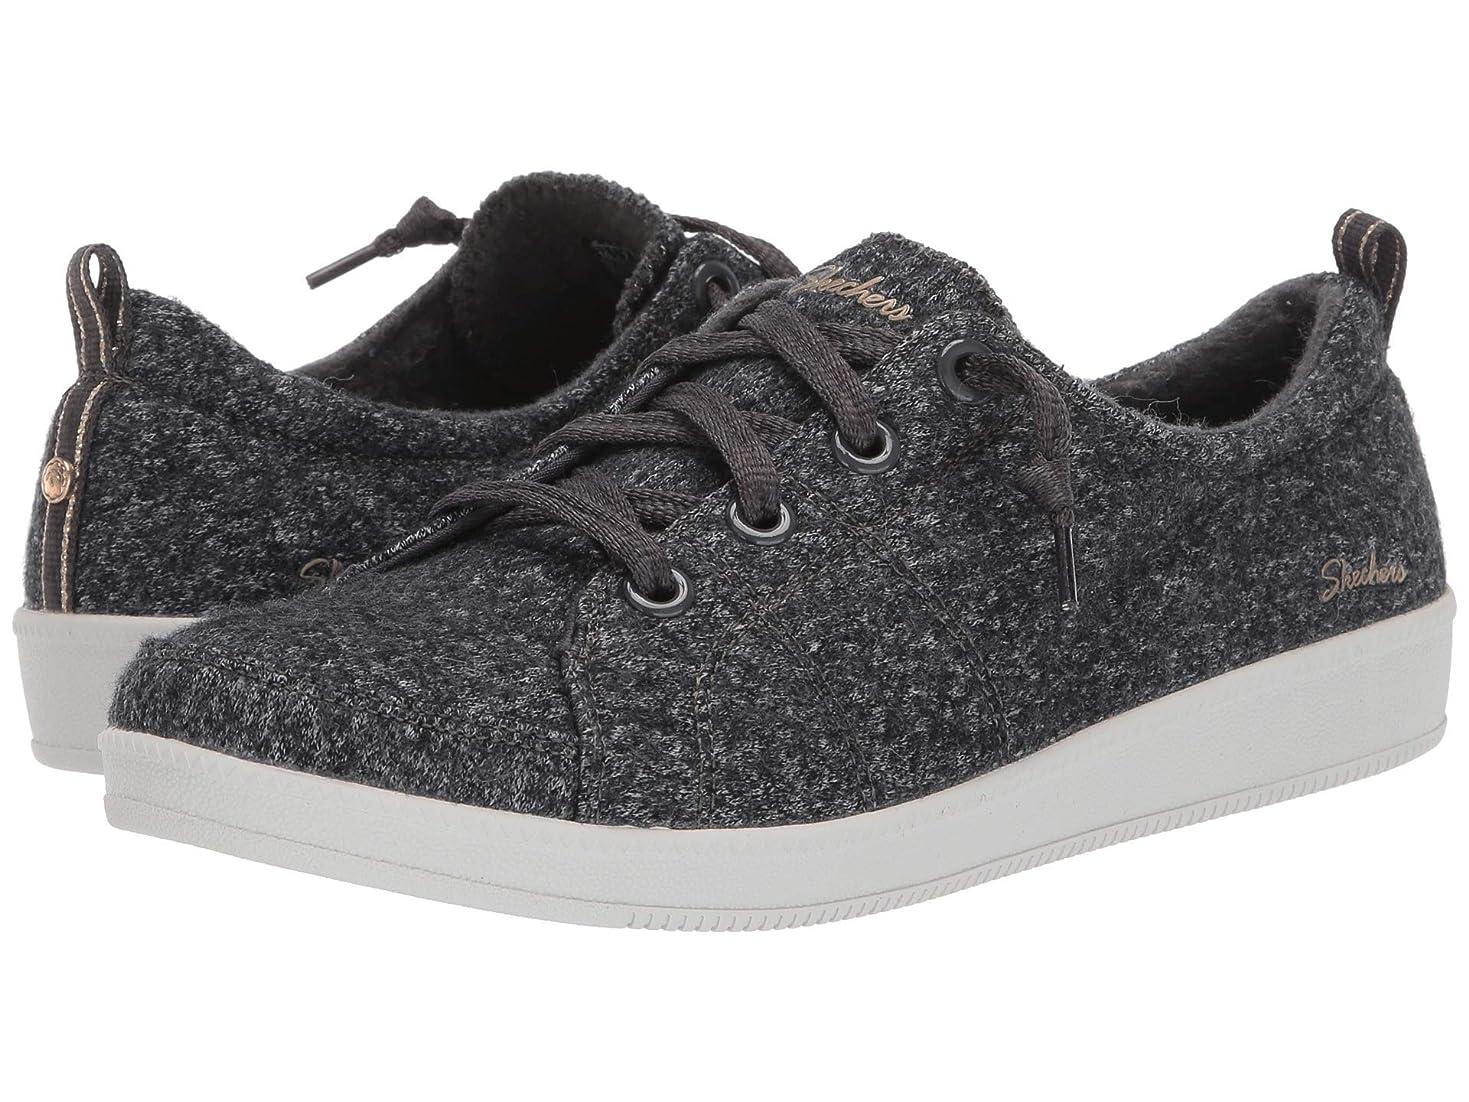 ドライバ学校充電レディーススニーカー?ウォーキングシューズ?靴 Madison Ave - Promising Charcoal 5 (22cm) M [並行輸入品]